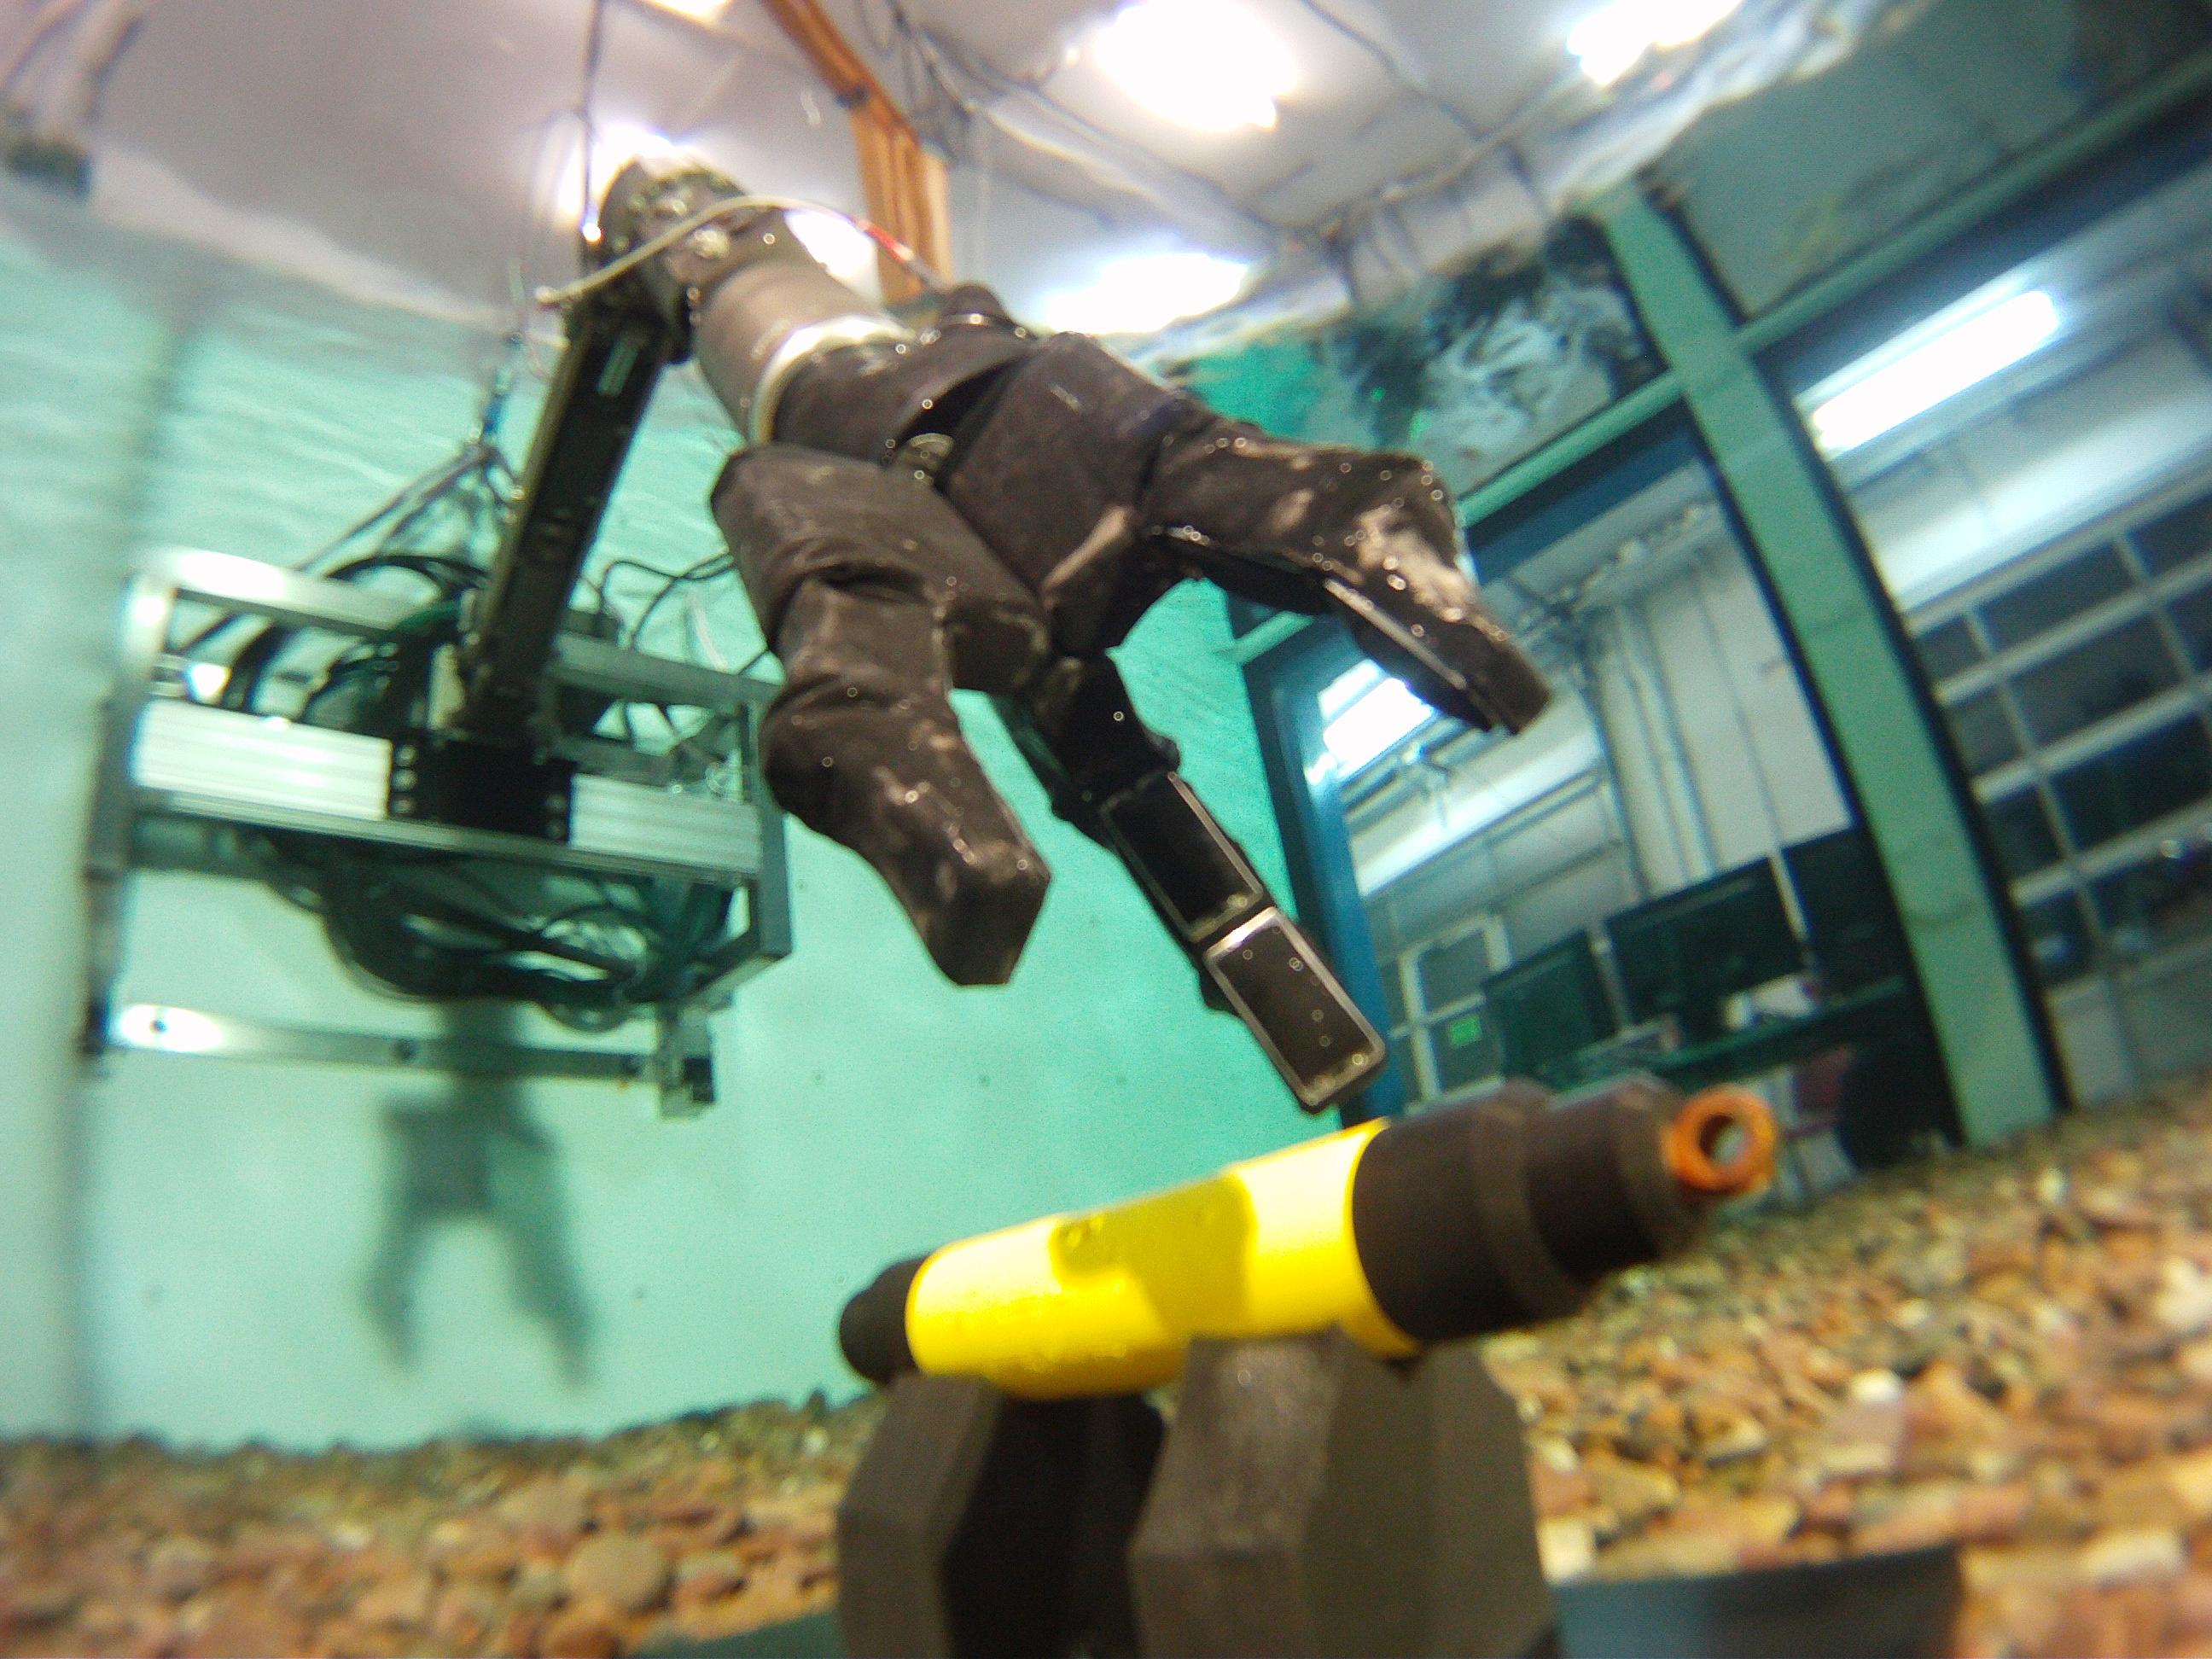 Taktiles Greifersystem für die Tiefsee als Ausgangssystem für Force Feedback bei der Teleoperation